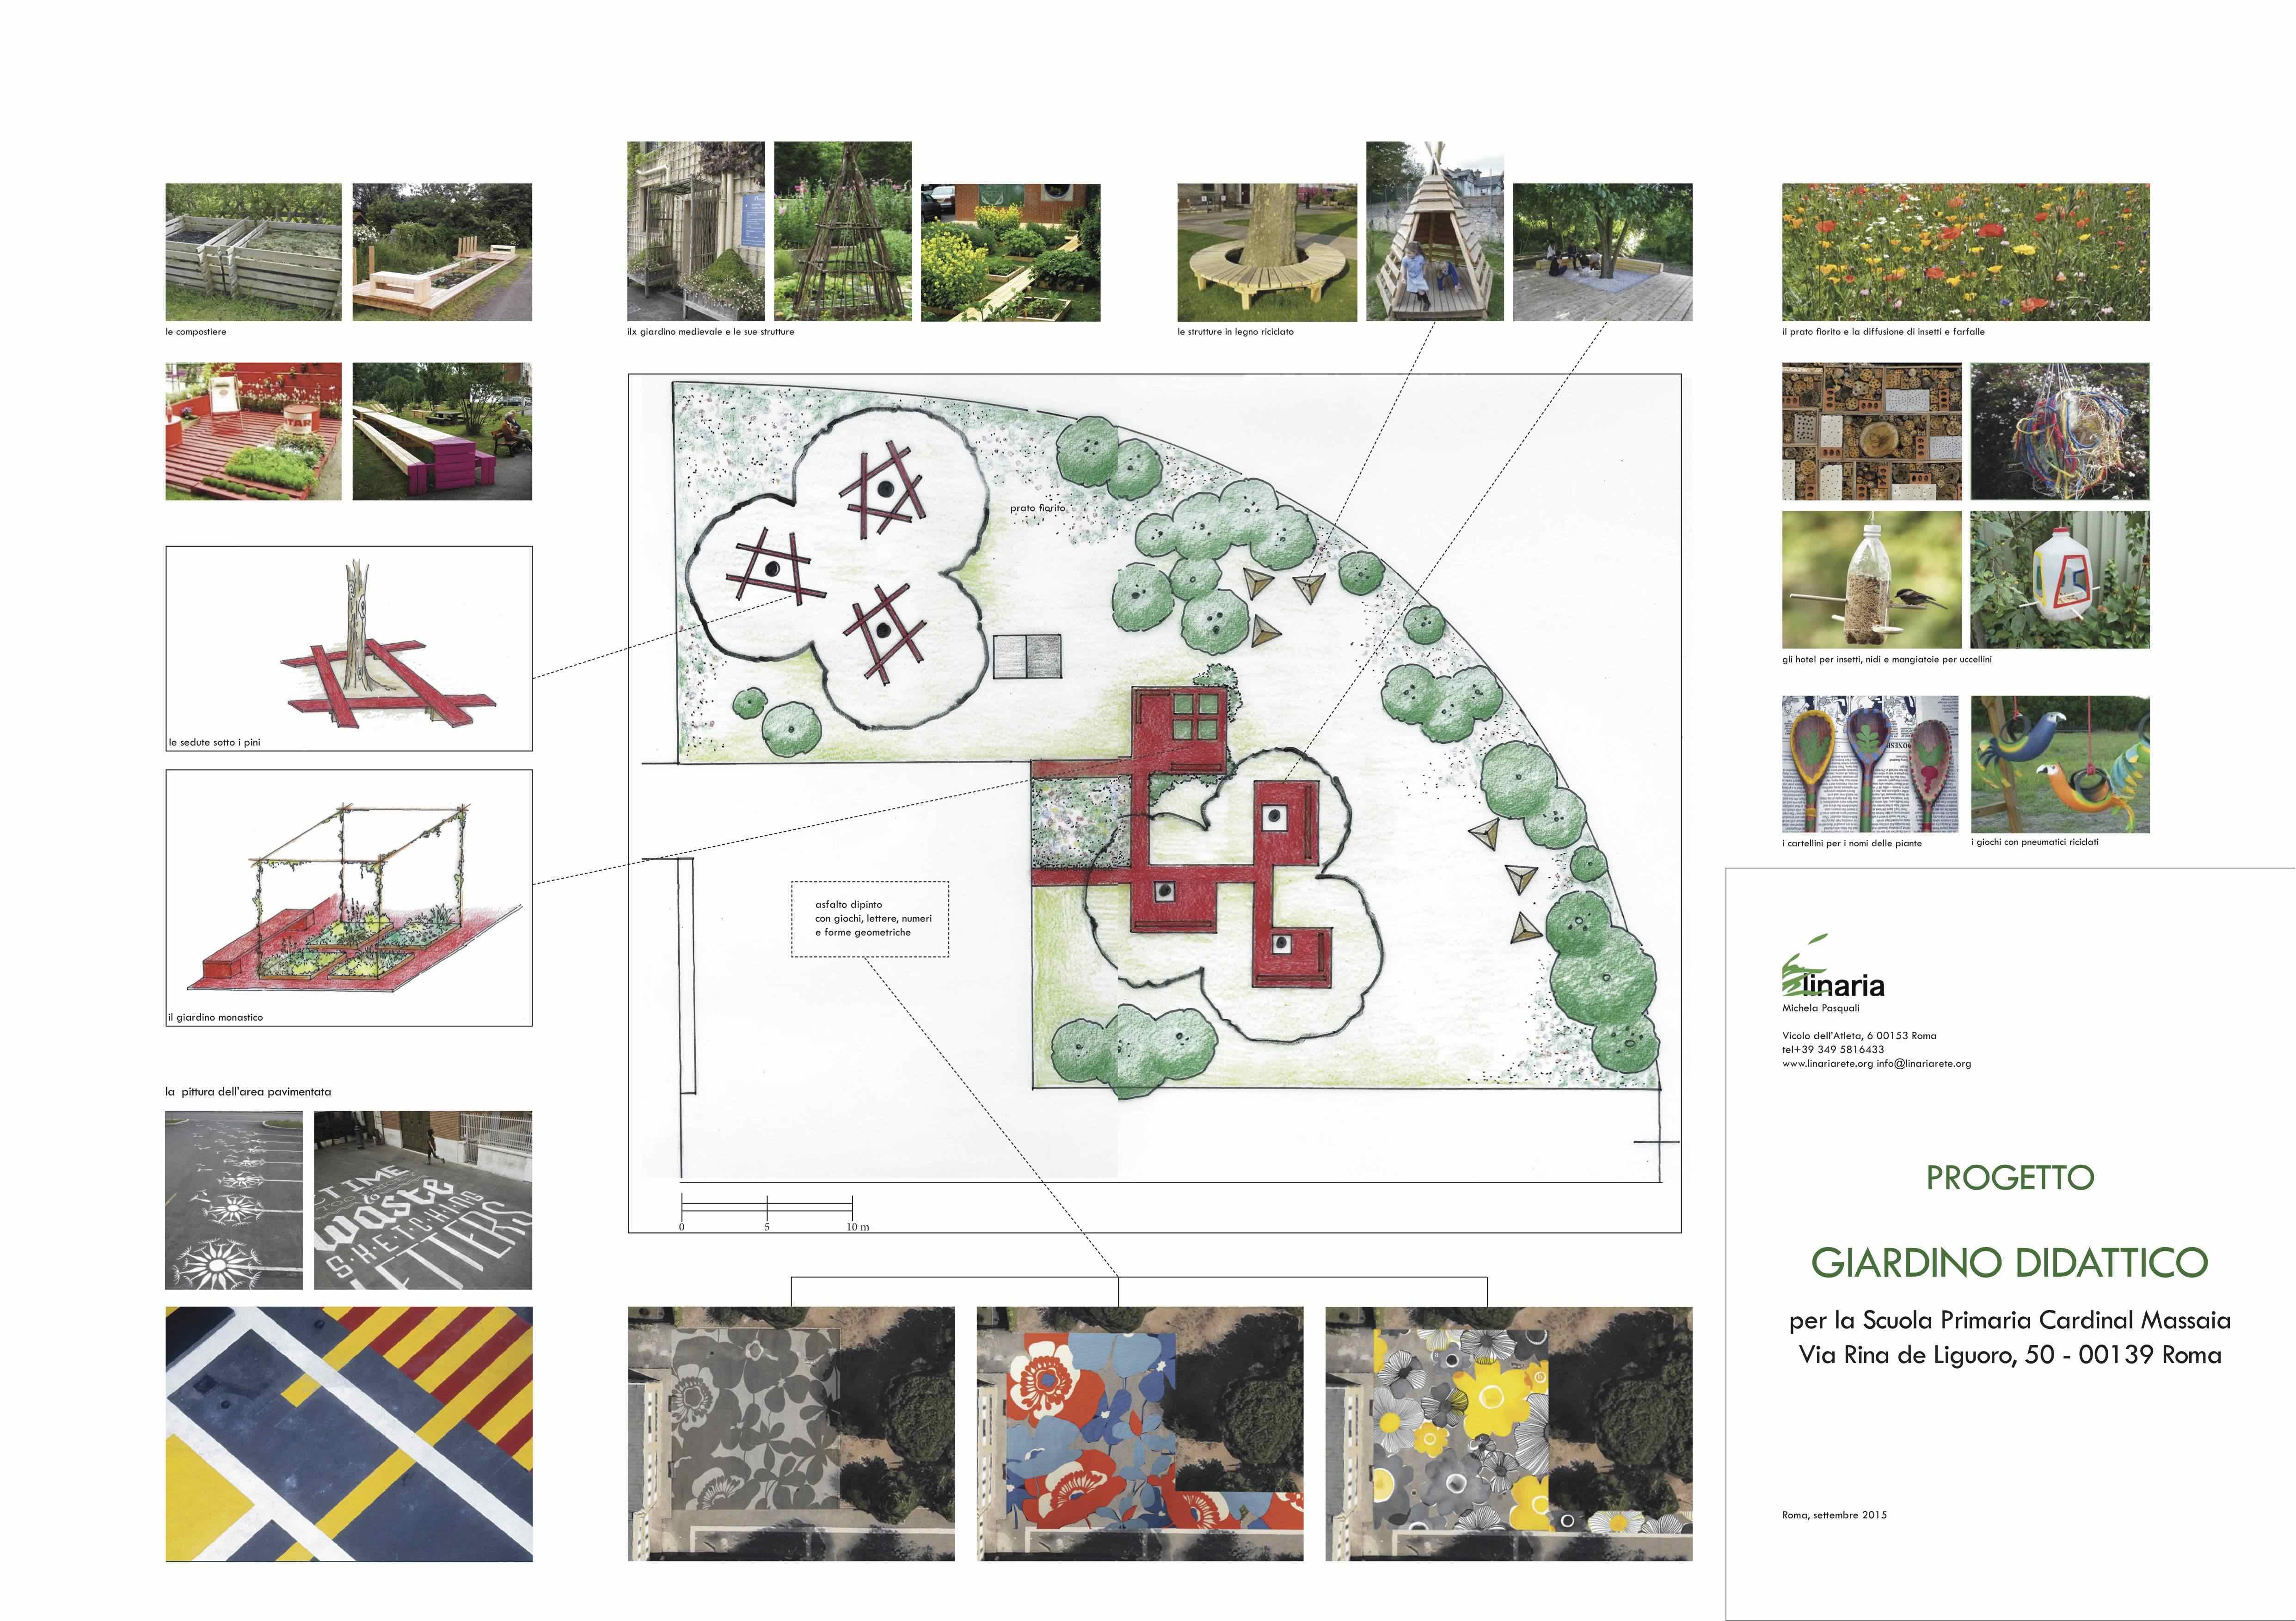 Giardini scolastici giardini in viaggio - Progetto per giardino ...